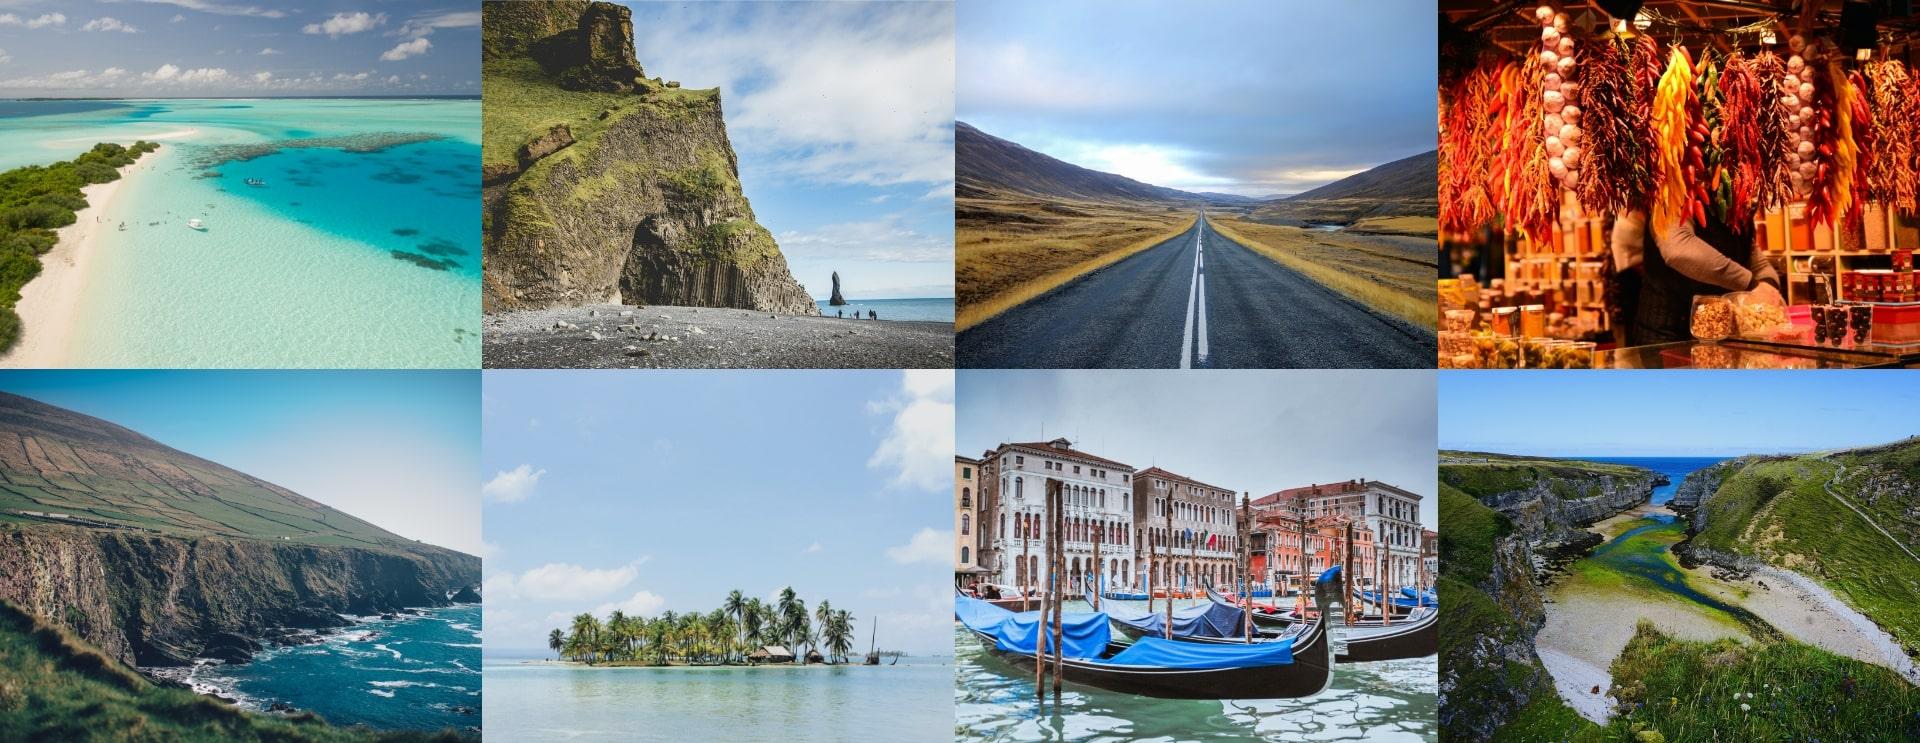 Destinations de tourisme paysages mer